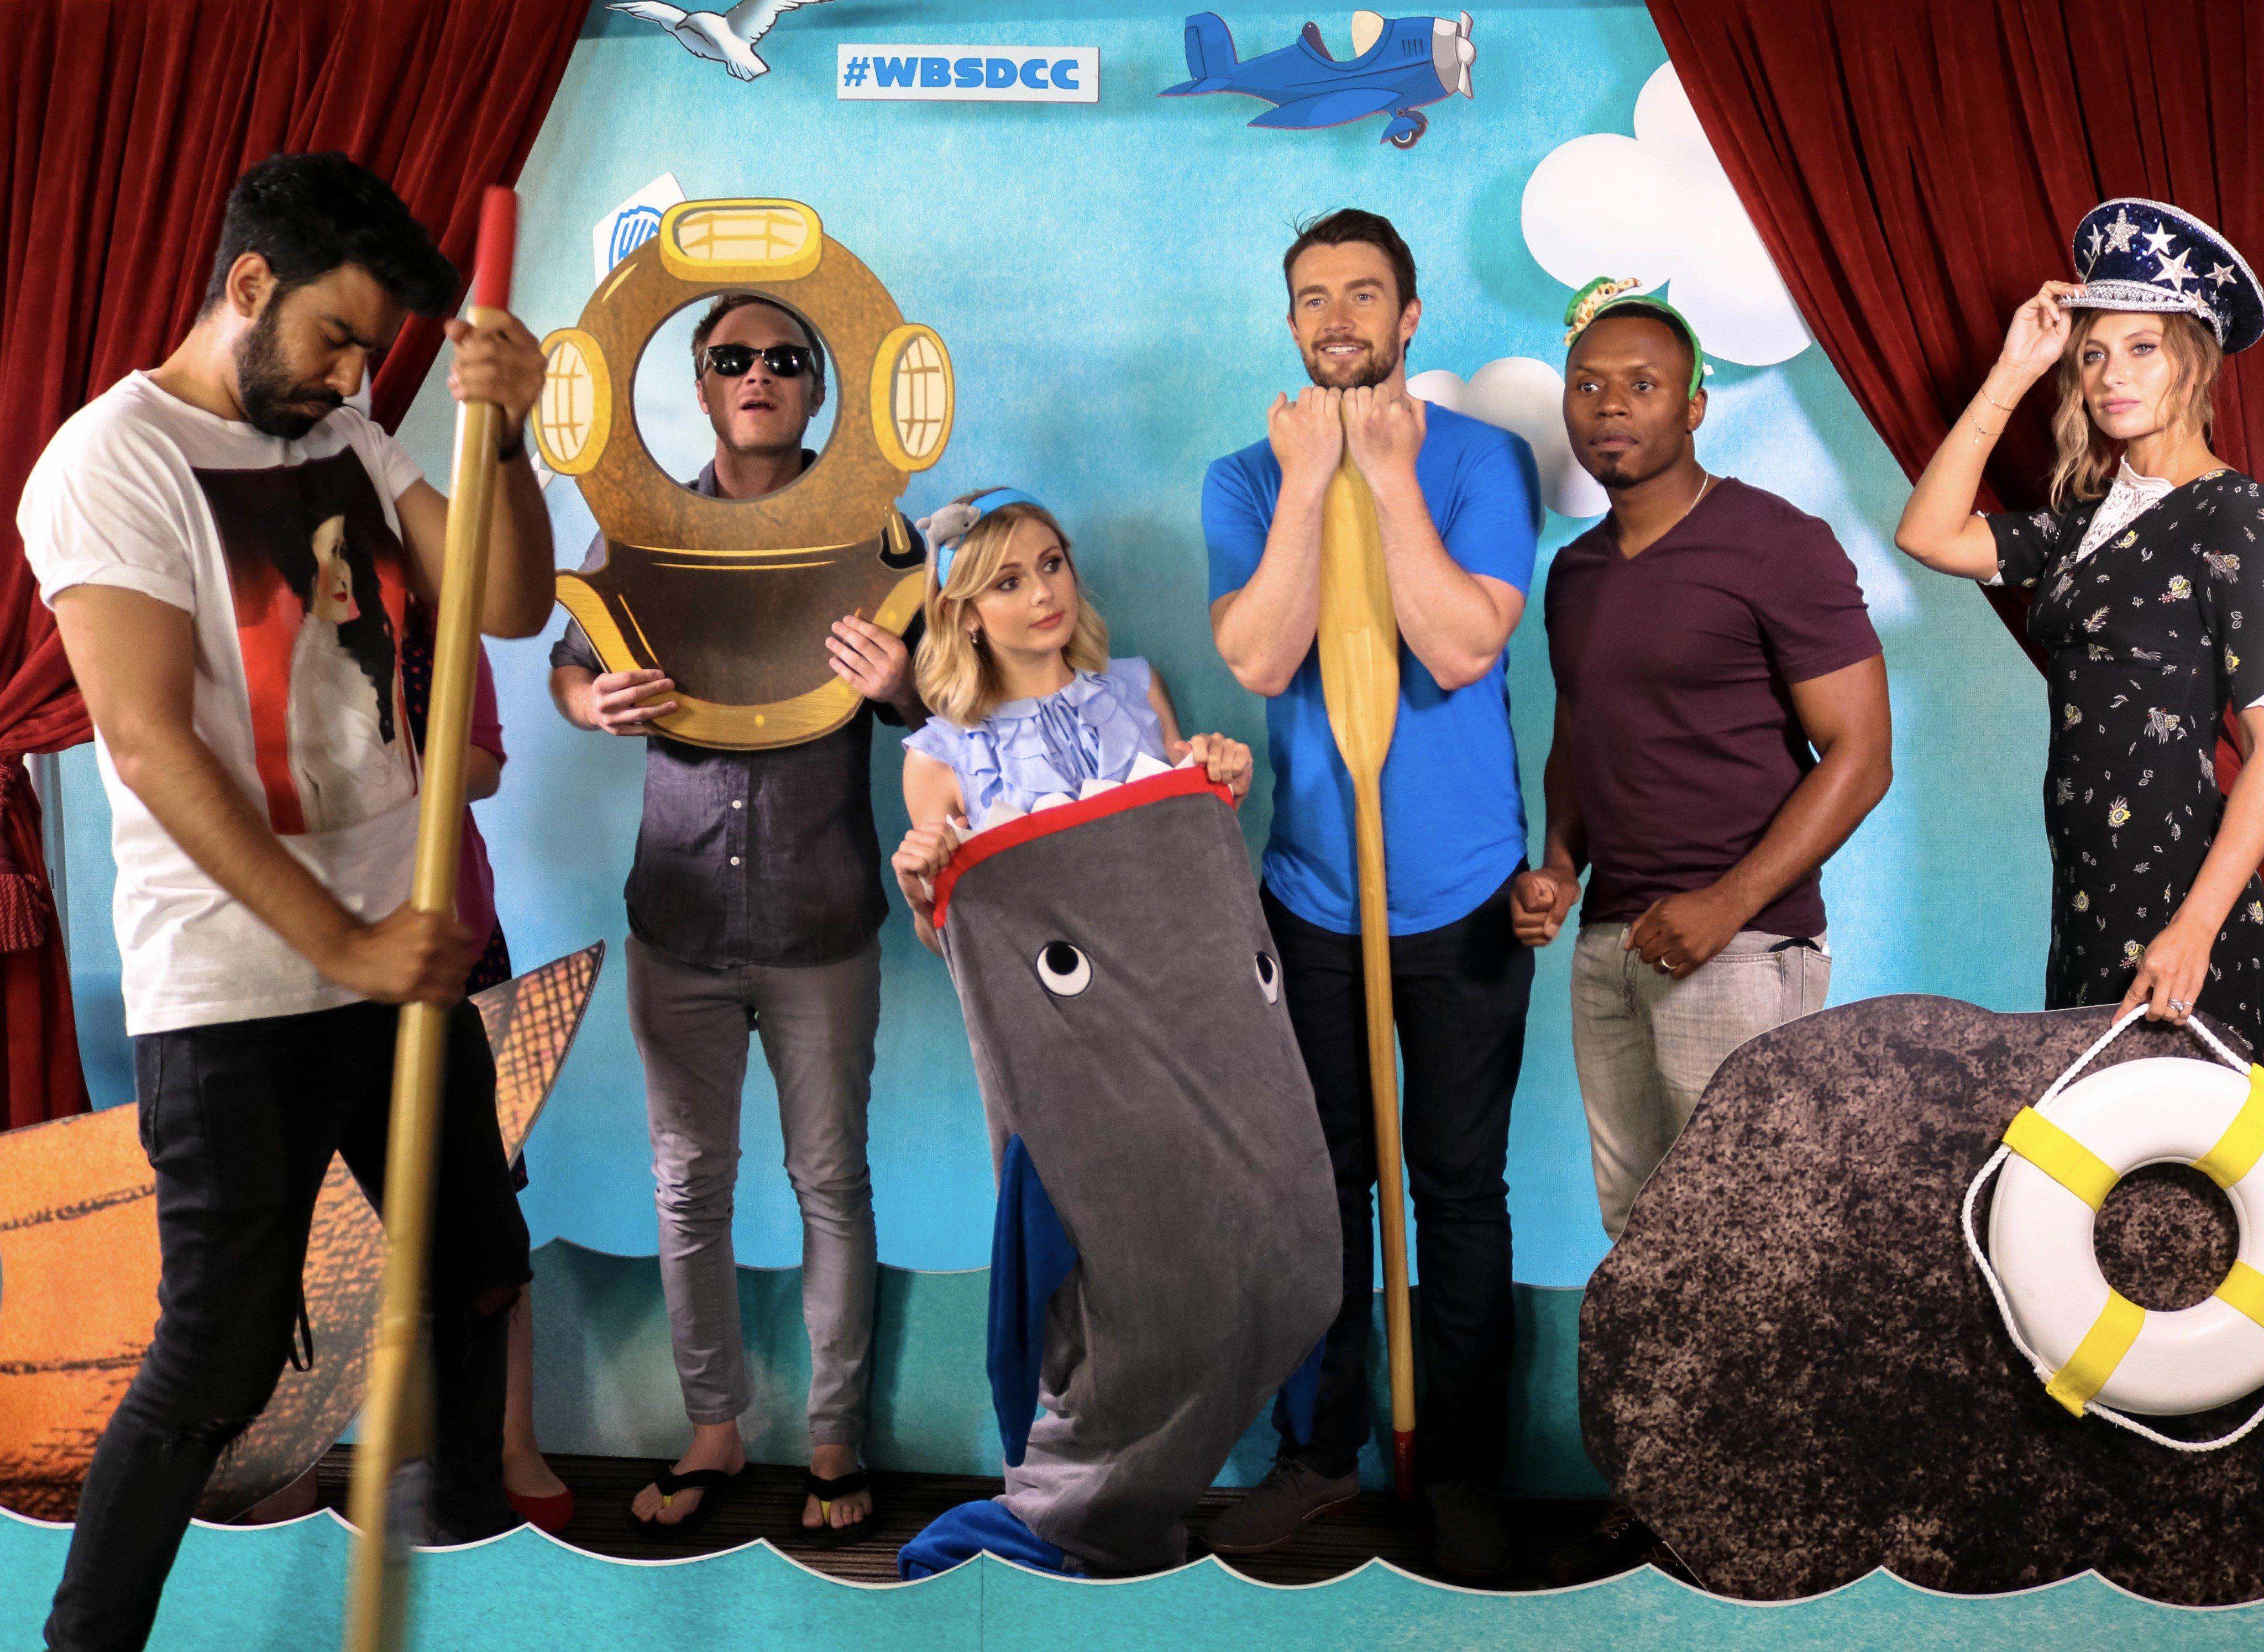 Az iZombie szereplői egy kis tengerparti mókázást csaptak a Warner Bros. jachtján a 2017-es Comic-Con péntekén, július 21-én.